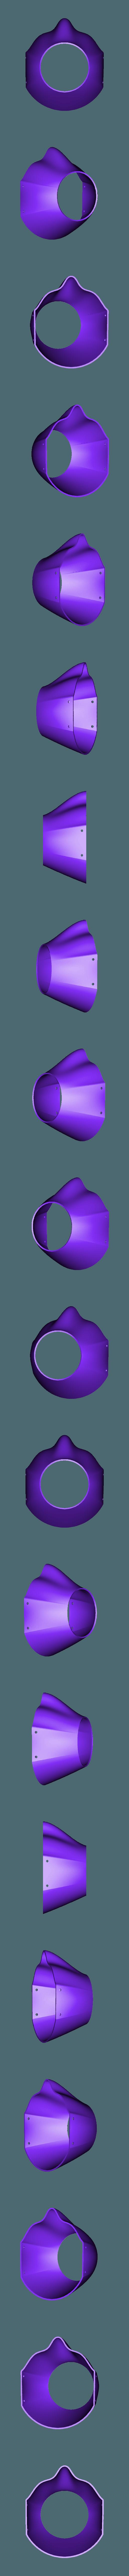 Mask.stl Télécharger fichier STL gratuit Masque facial avec filtre interchangeable - COVID19 • Plan pour imprimante 3D, LetsPrintYT